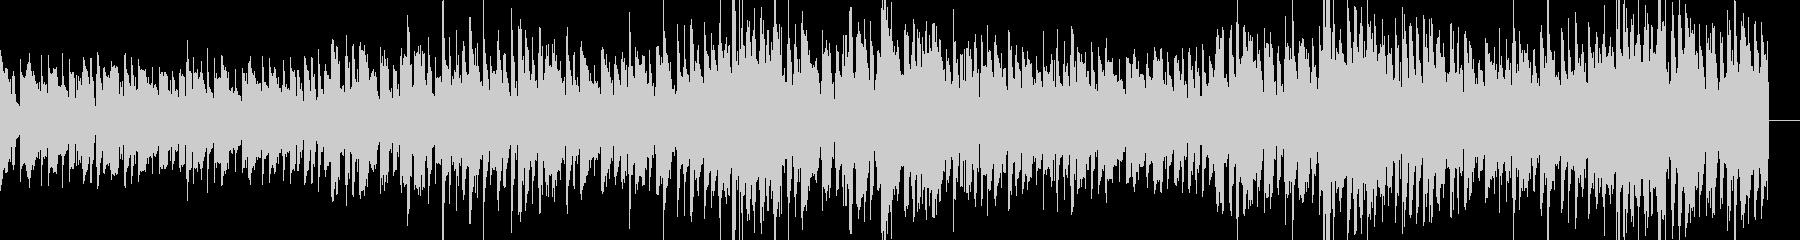 格ゲーのキャラ選択画面っぽいBGMの未再生の波形